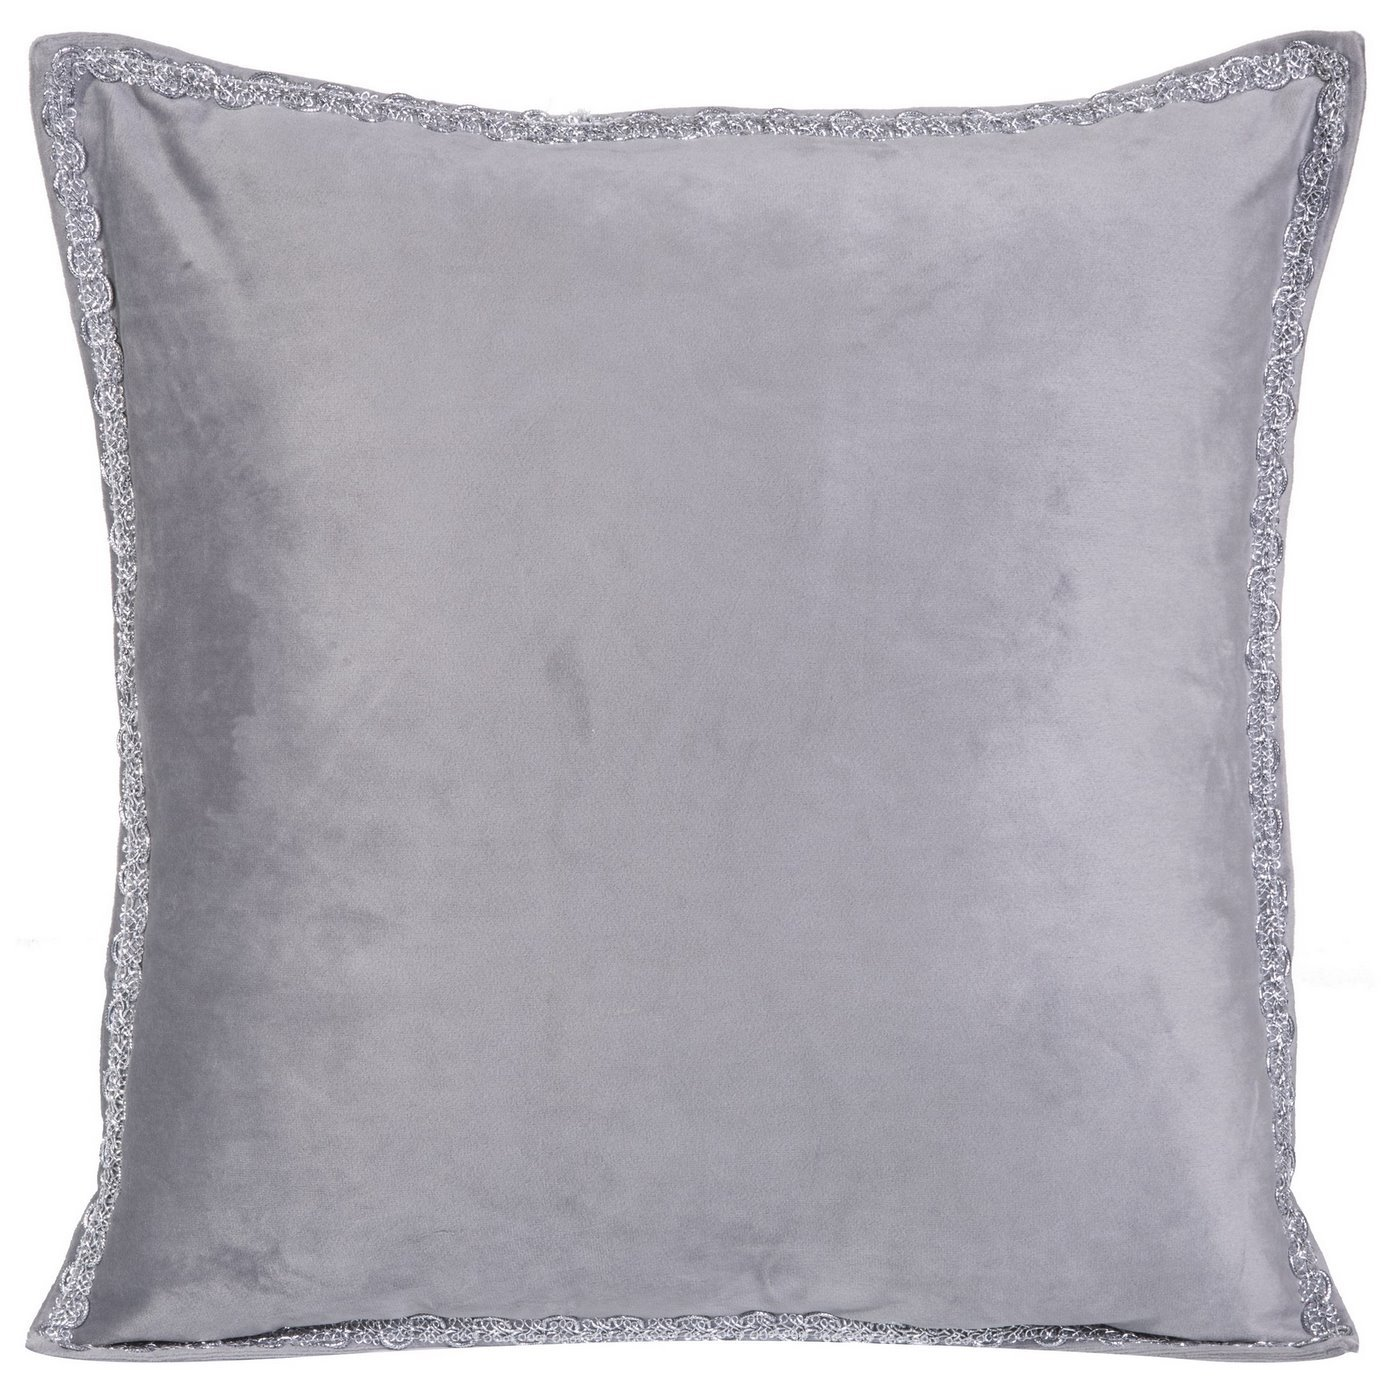 Elegancka poszewka na poduszkę srebrna ze srebrnym wykończeniem 40 x 40 cm